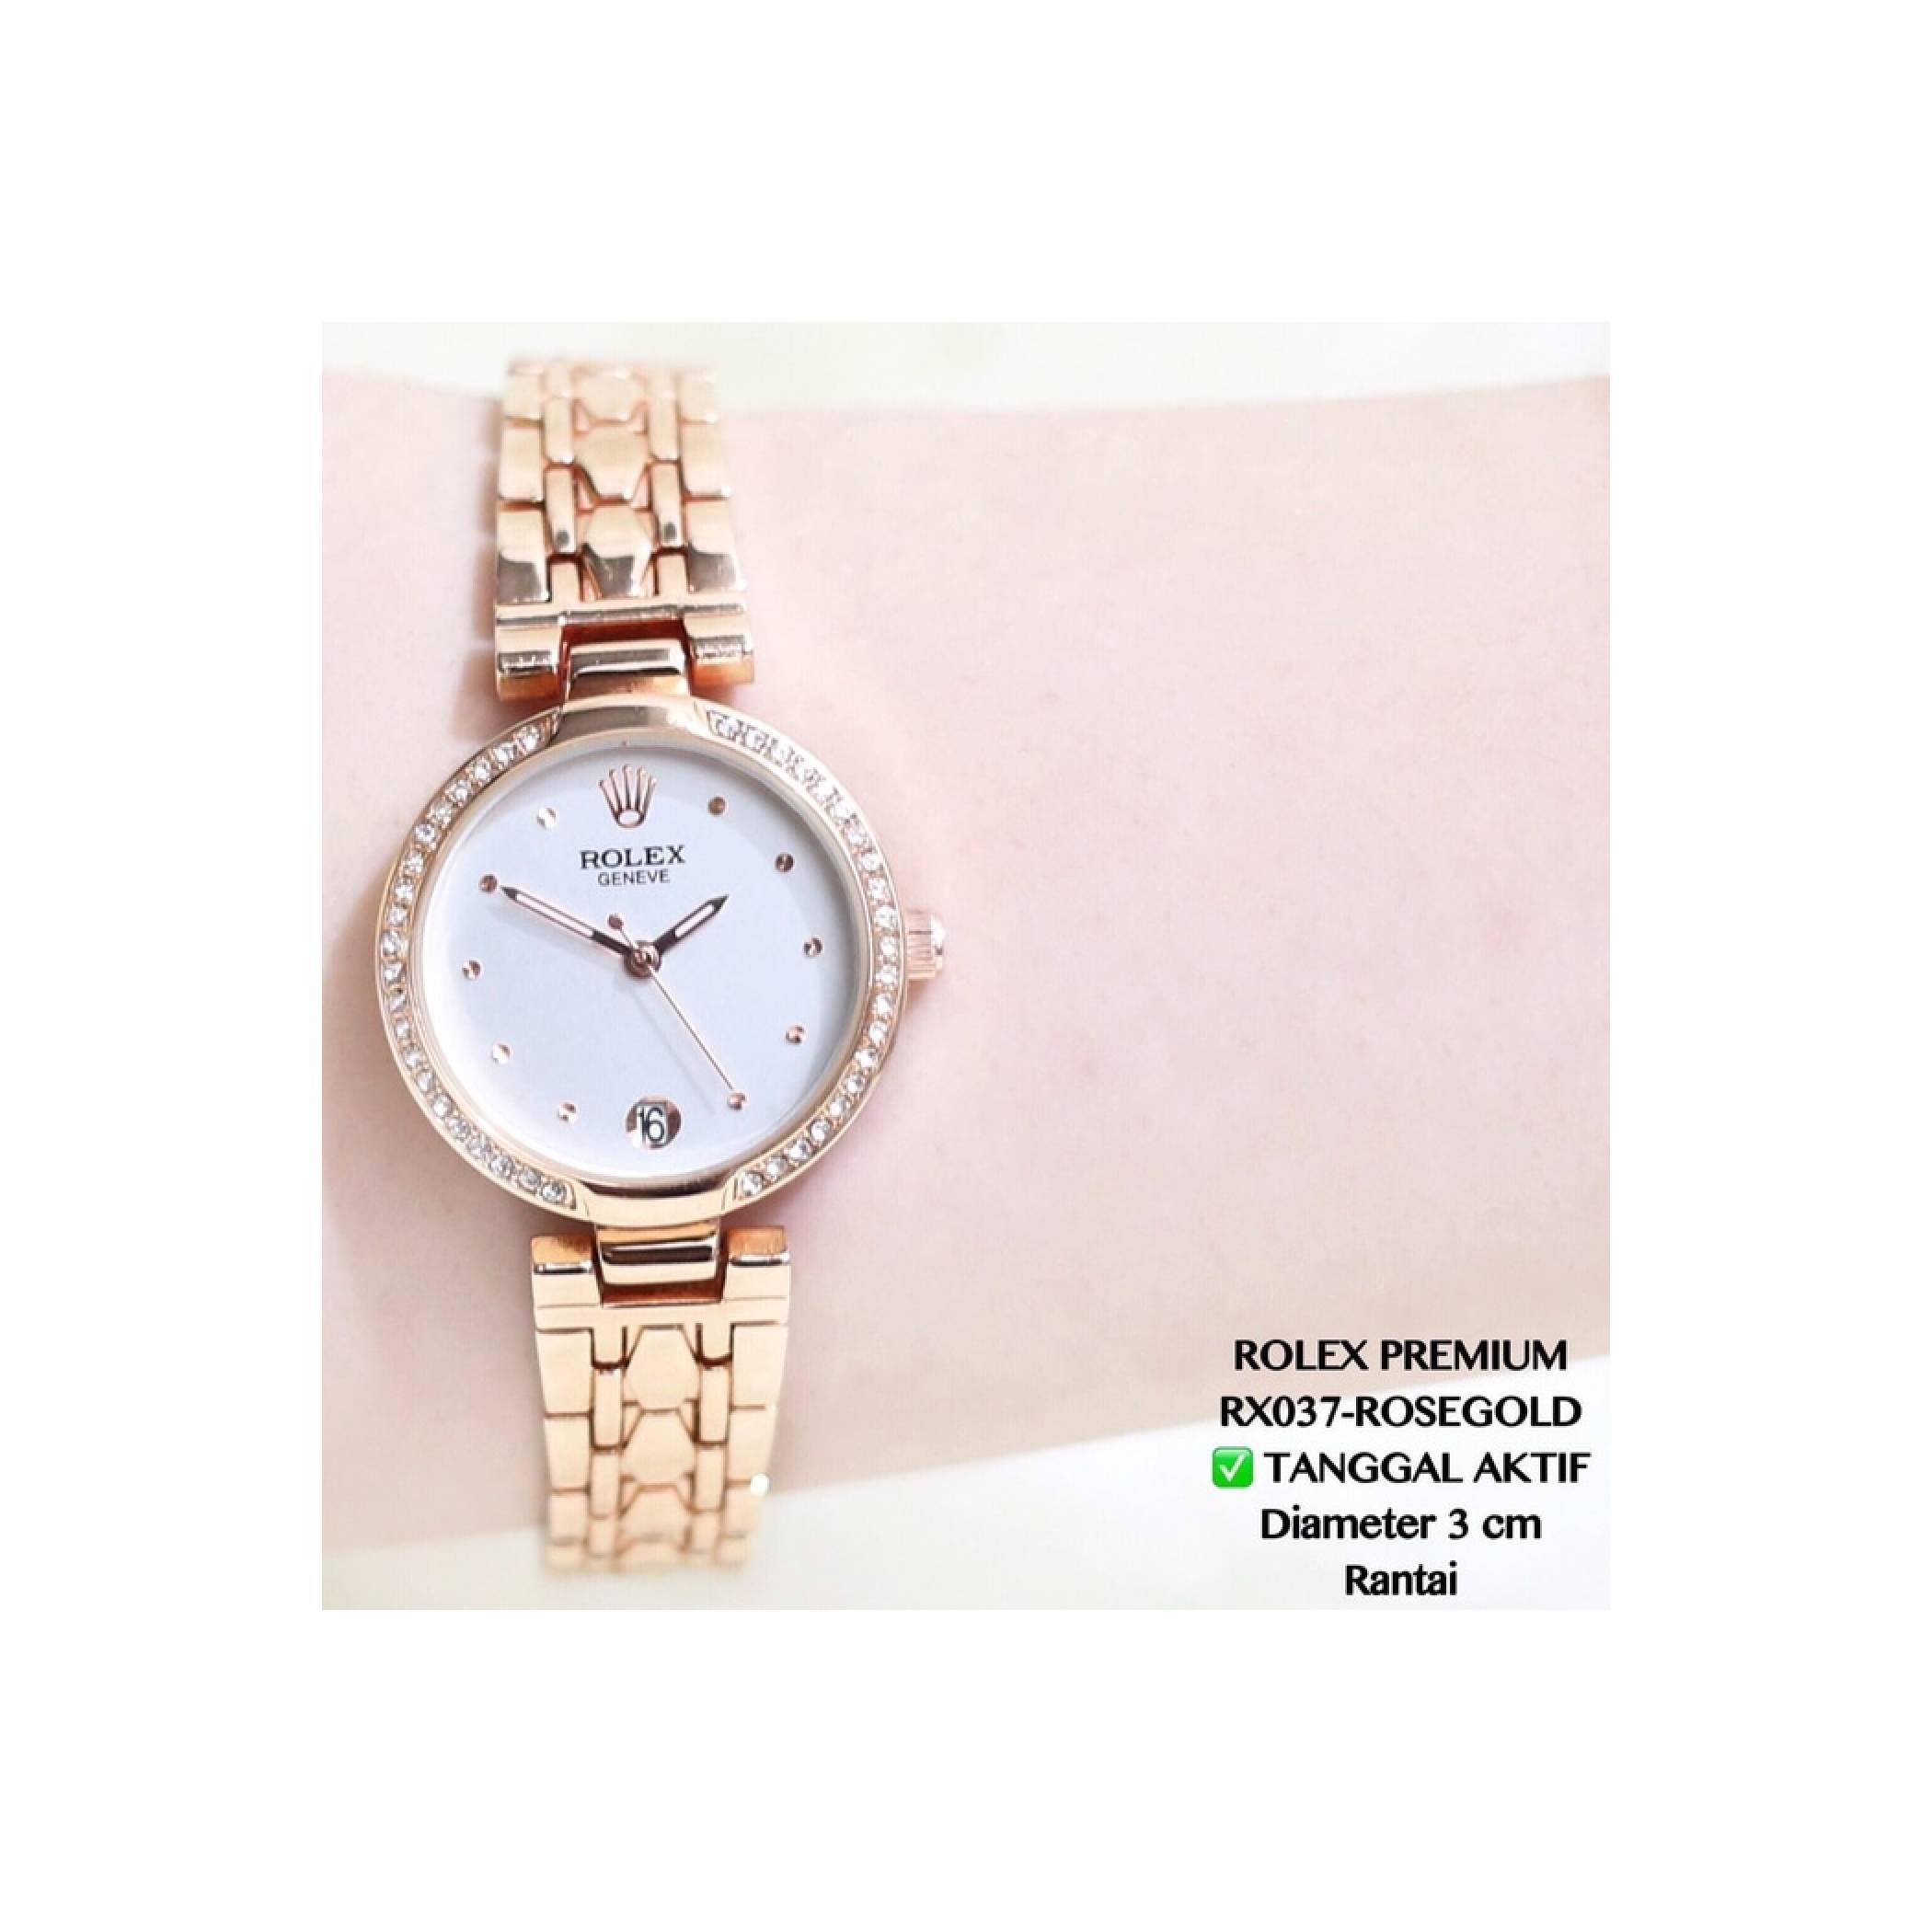 Jam Tangan Analog Rolex Rantai Tanggal Aktif Termurah Wanita/Cewek Fos